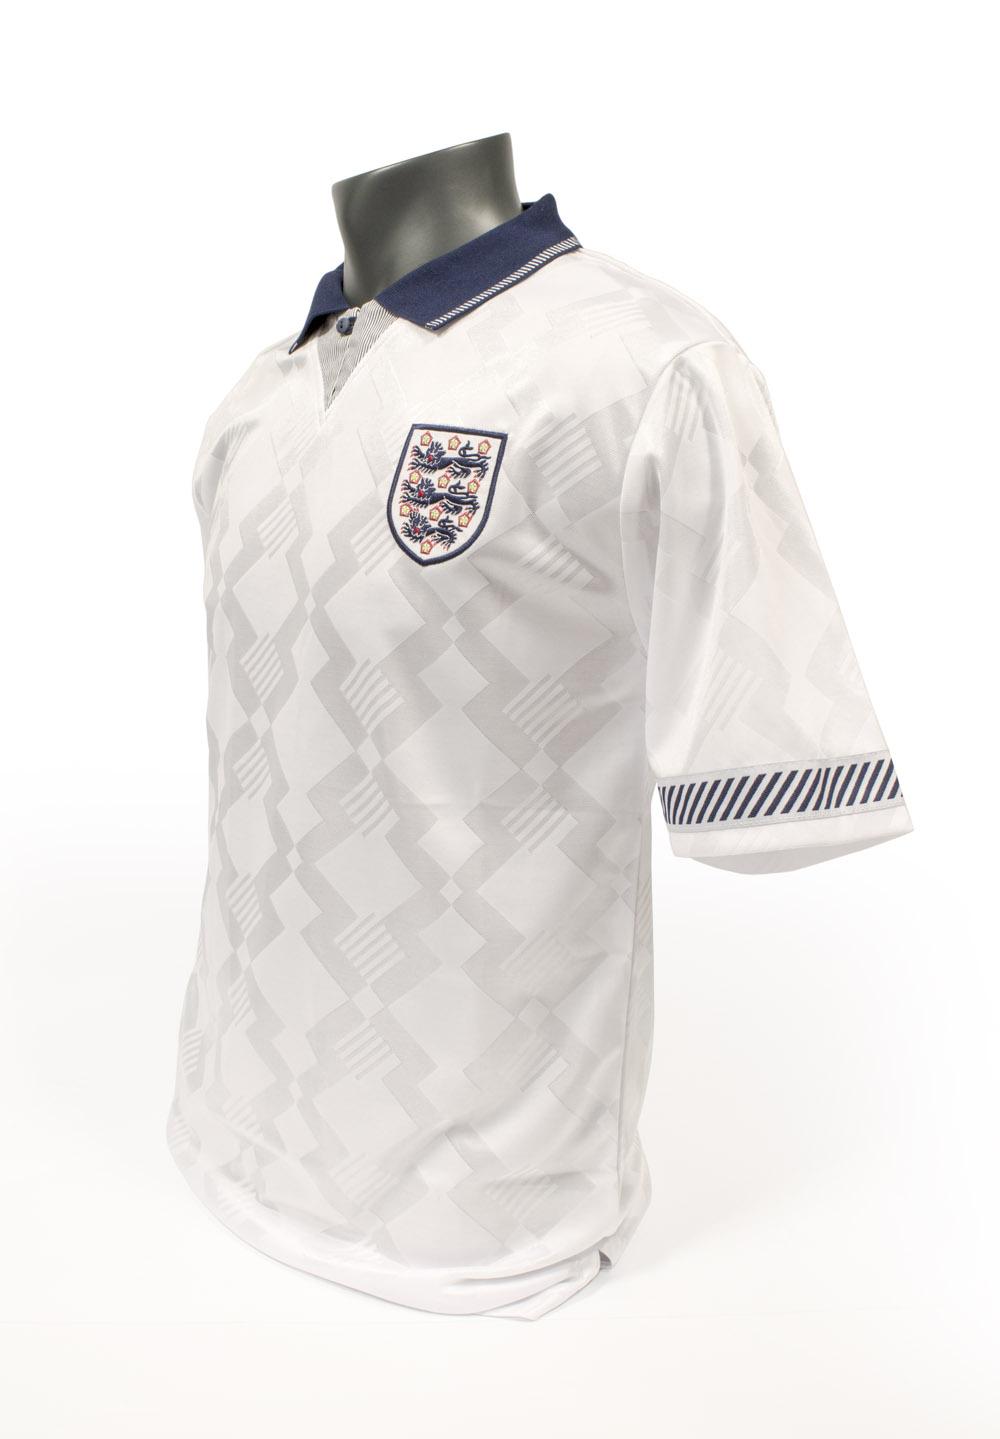 Signed-Paul-Gascoigne-England-Shirt (3)